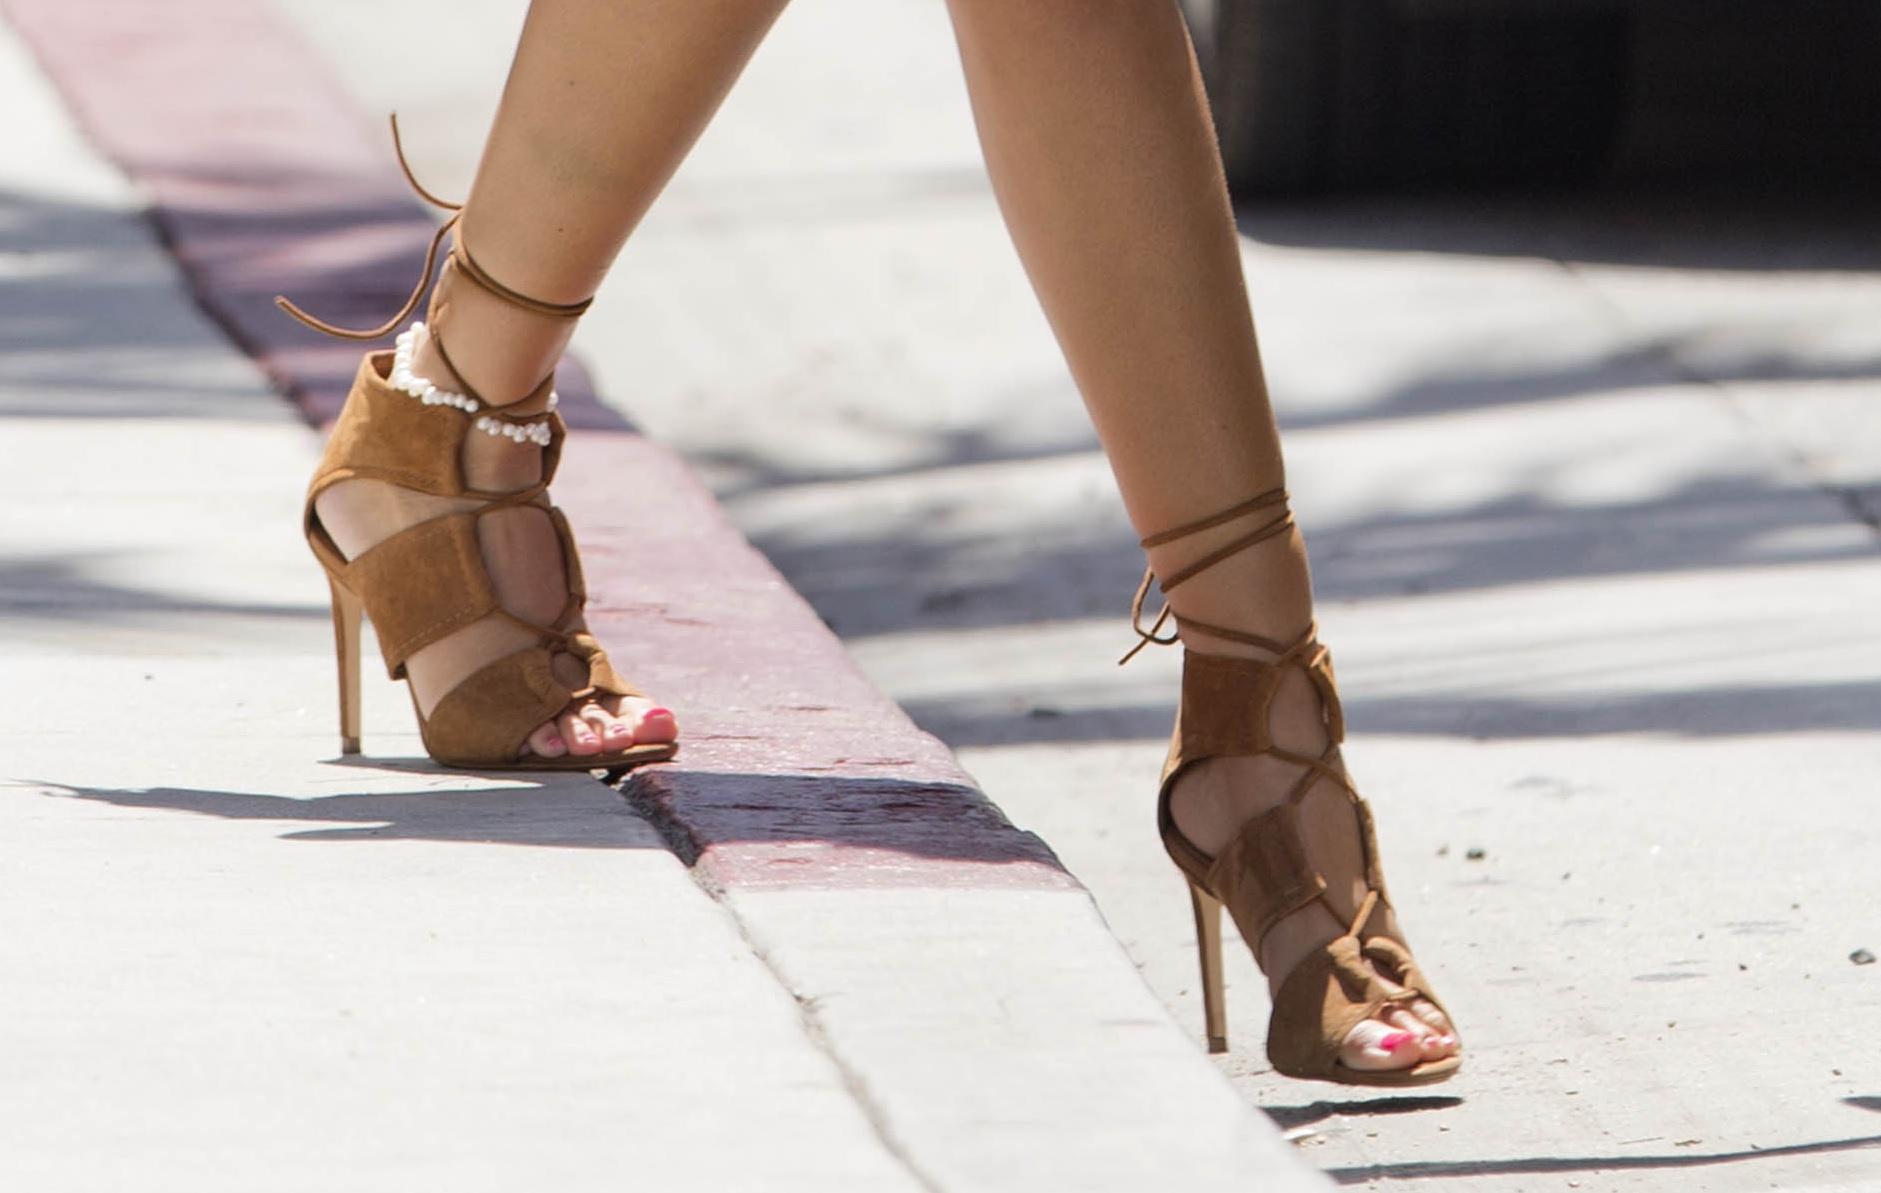 strappy-heels.jpg (1881×1193)